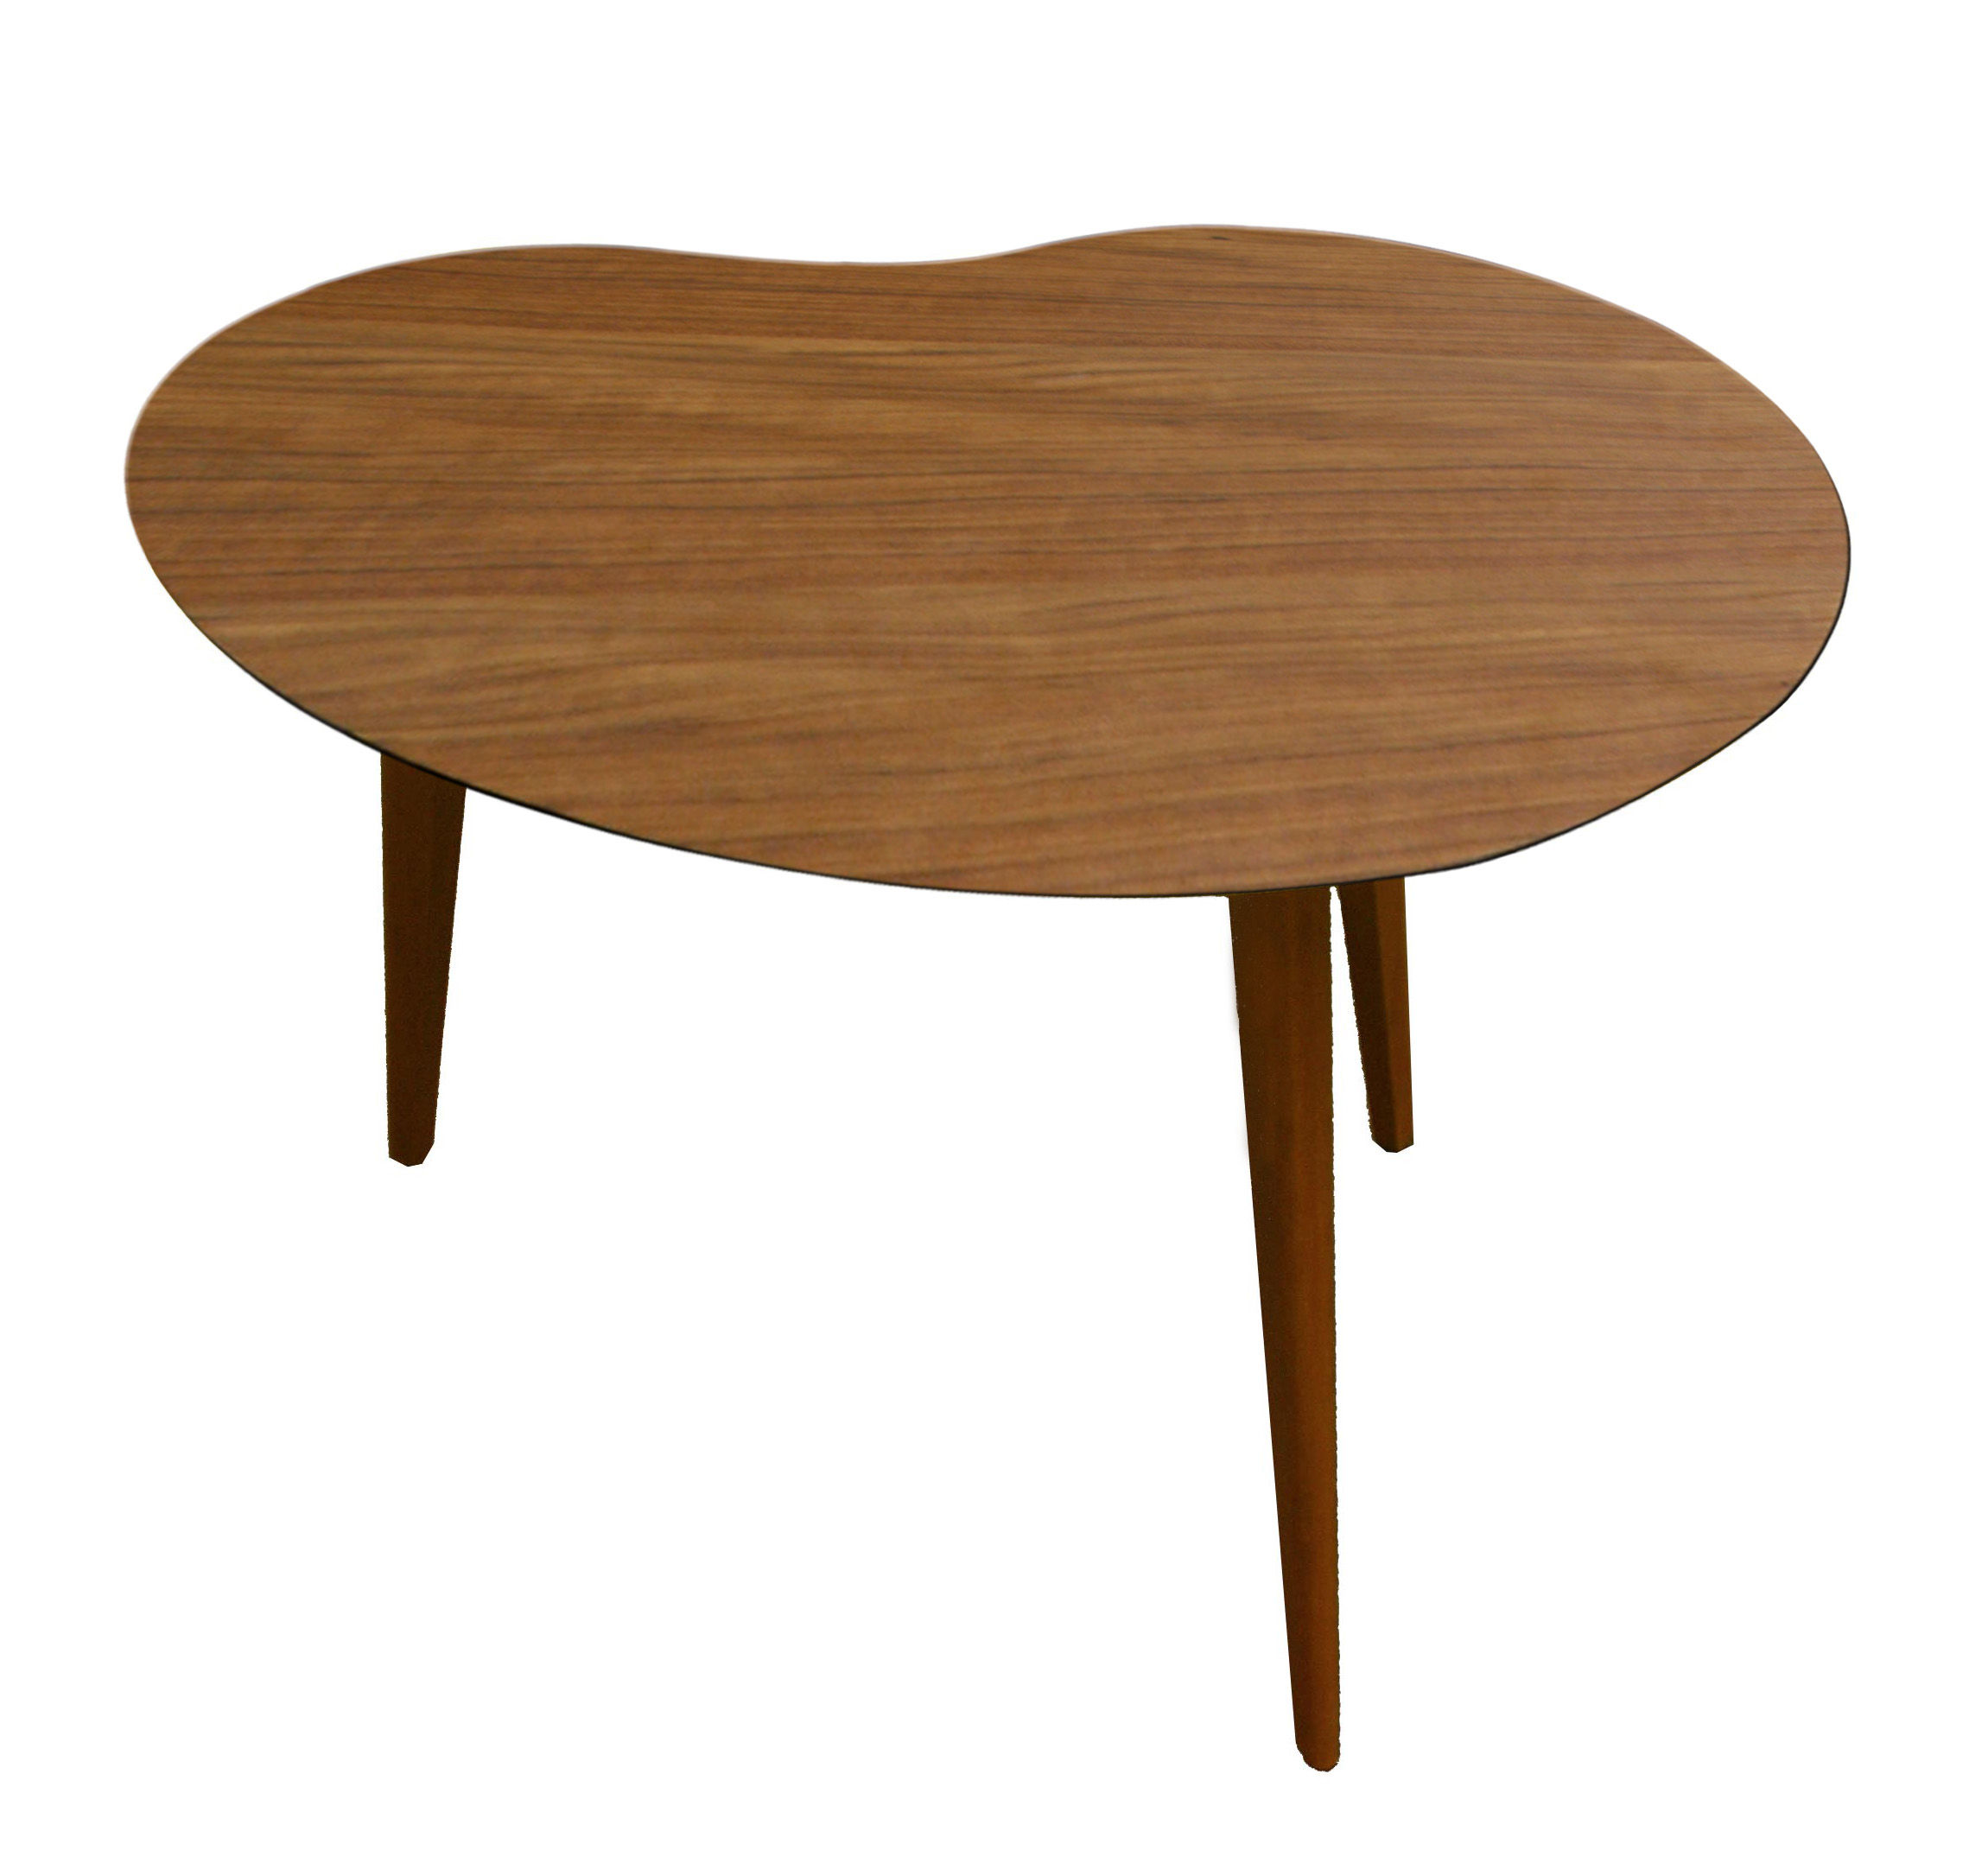 Table basse lalinde haricot sentou edition bois naturel made in design - Sentou table basse ...